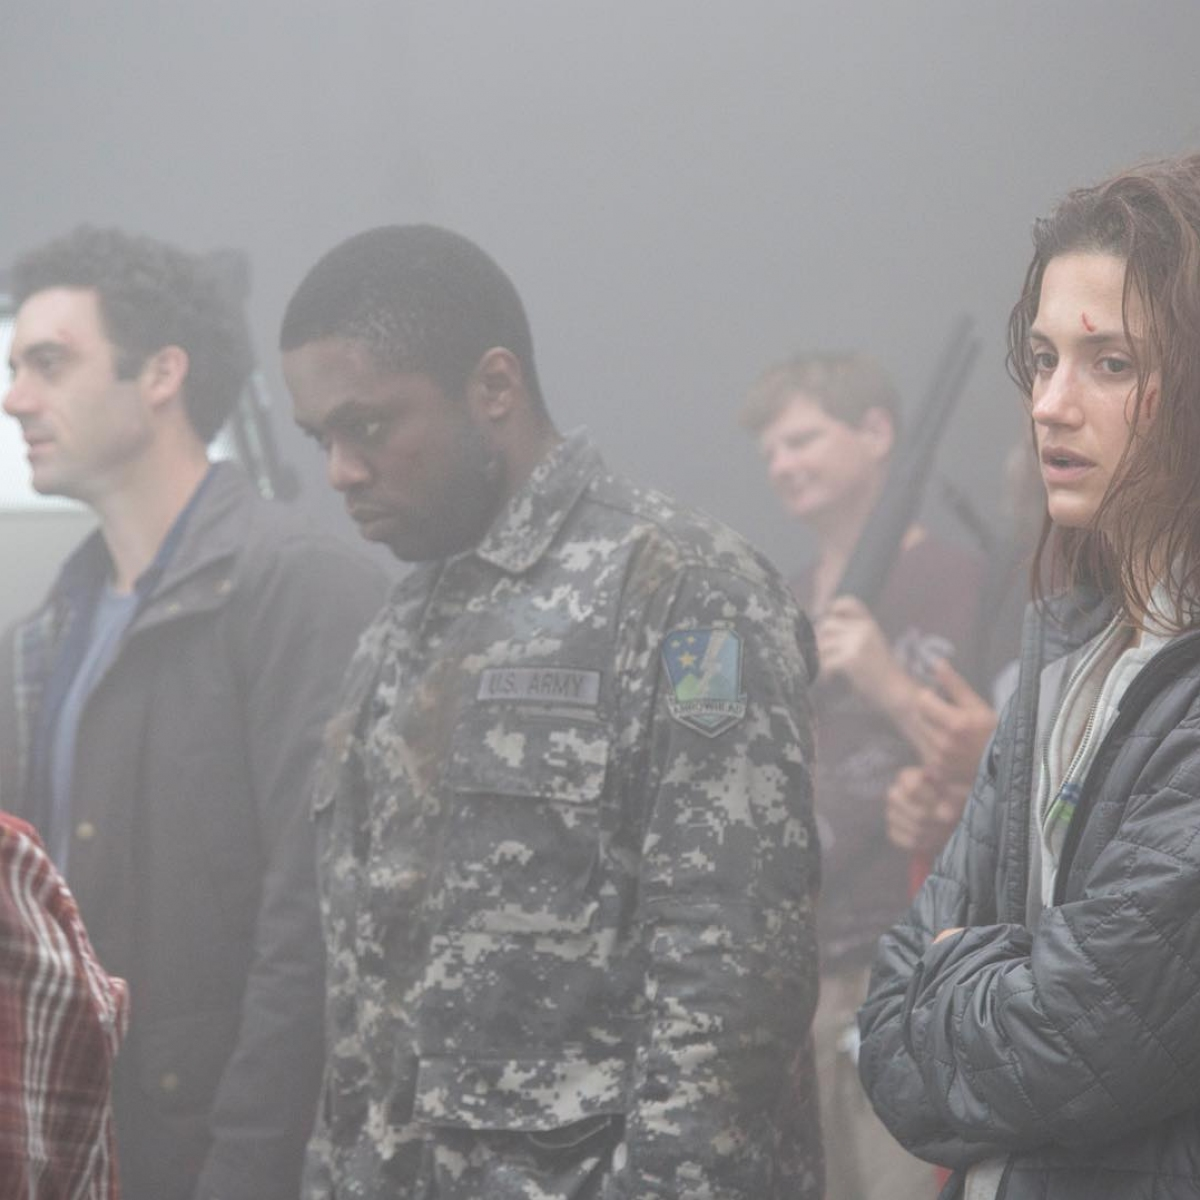 Mgła 005 (zdjęcie Okezie Morro) zdjęcie z filmu - obrazek